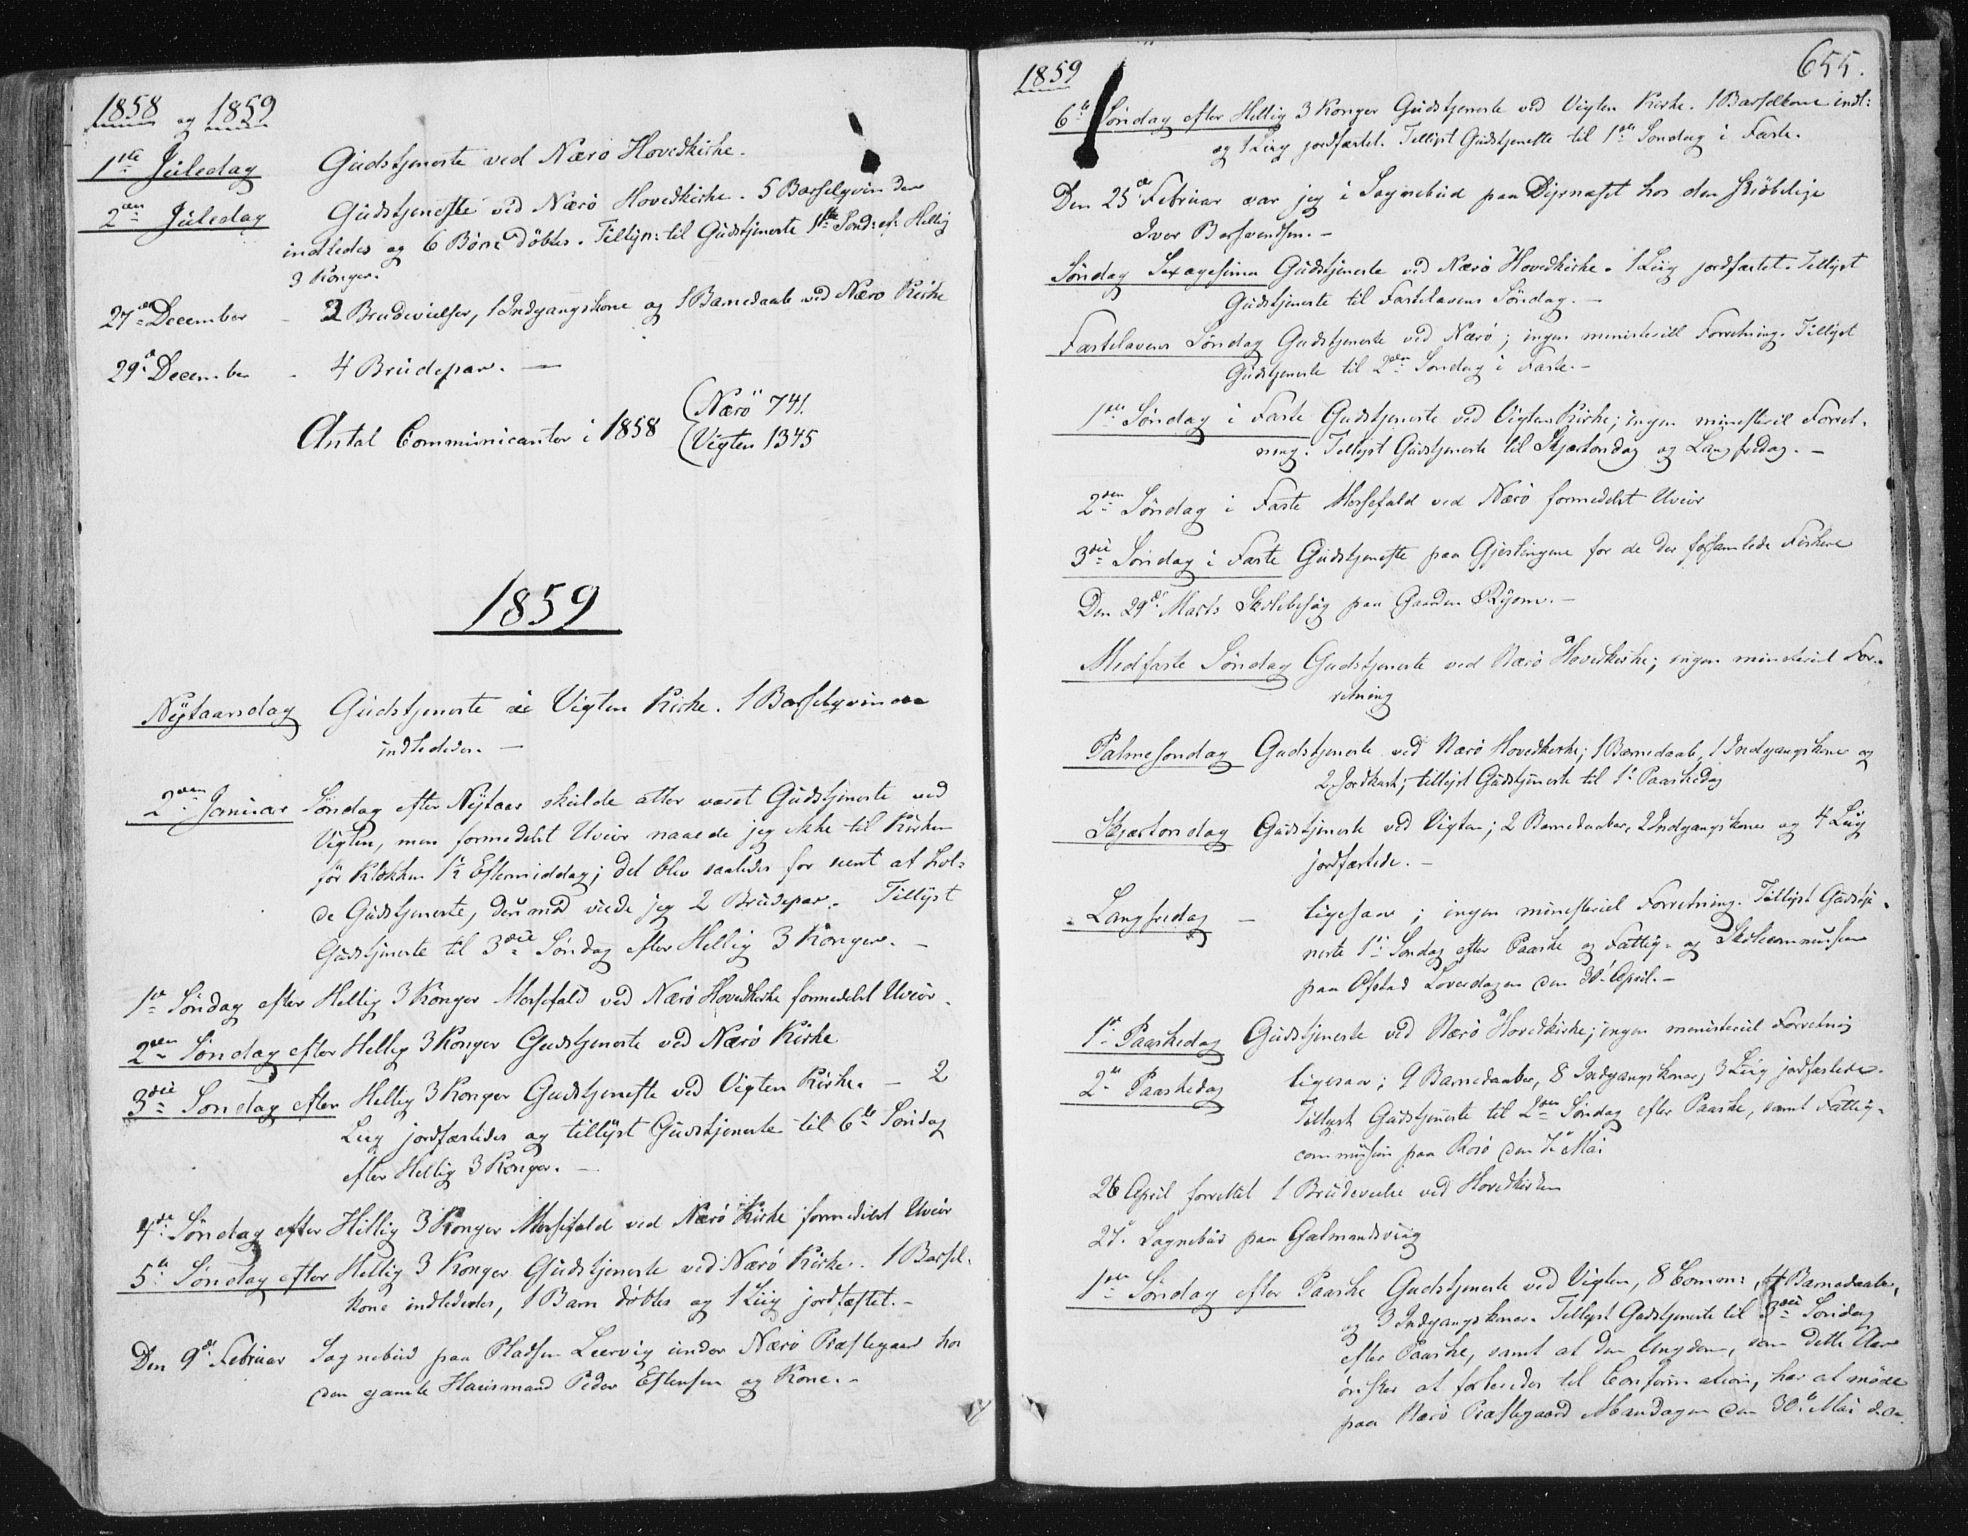 SAT, Ministerialprotokoller, klokkerbøker og fødselsregistre - Nord-Trøndelag, 784/L0669: Ministerialbok nr. 784A04, 1829-1859, s. 655